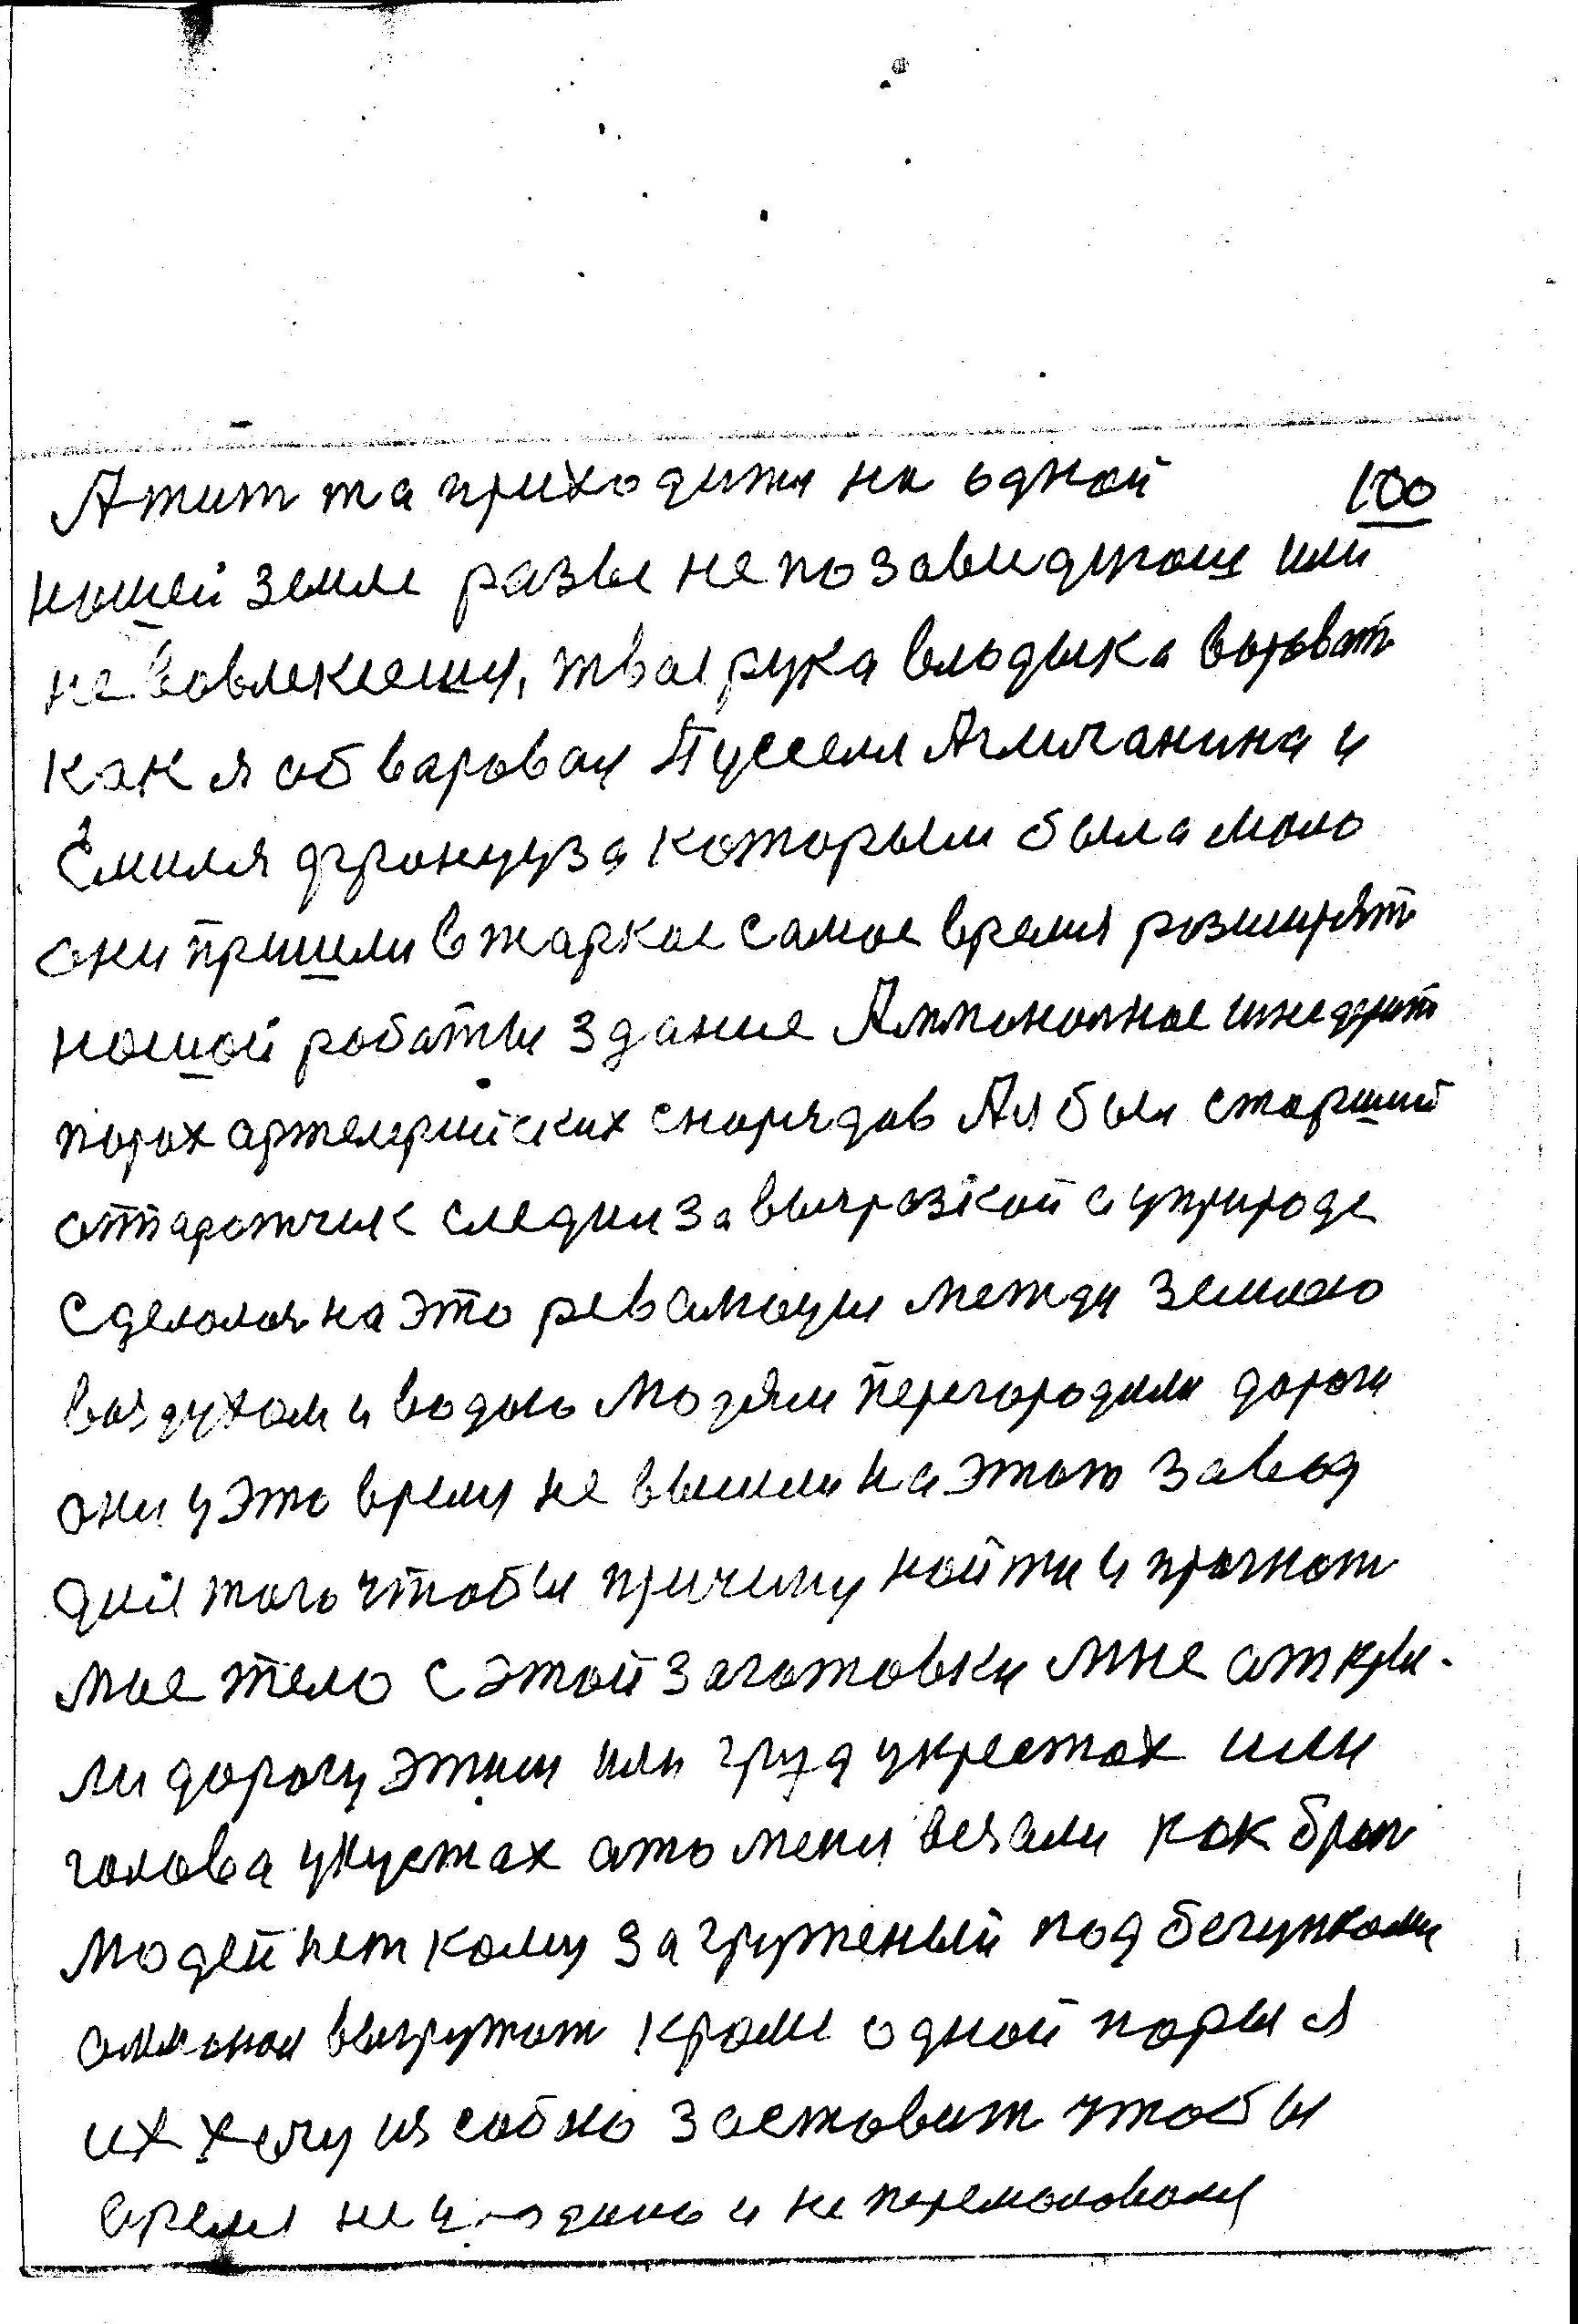 94-100.jpg